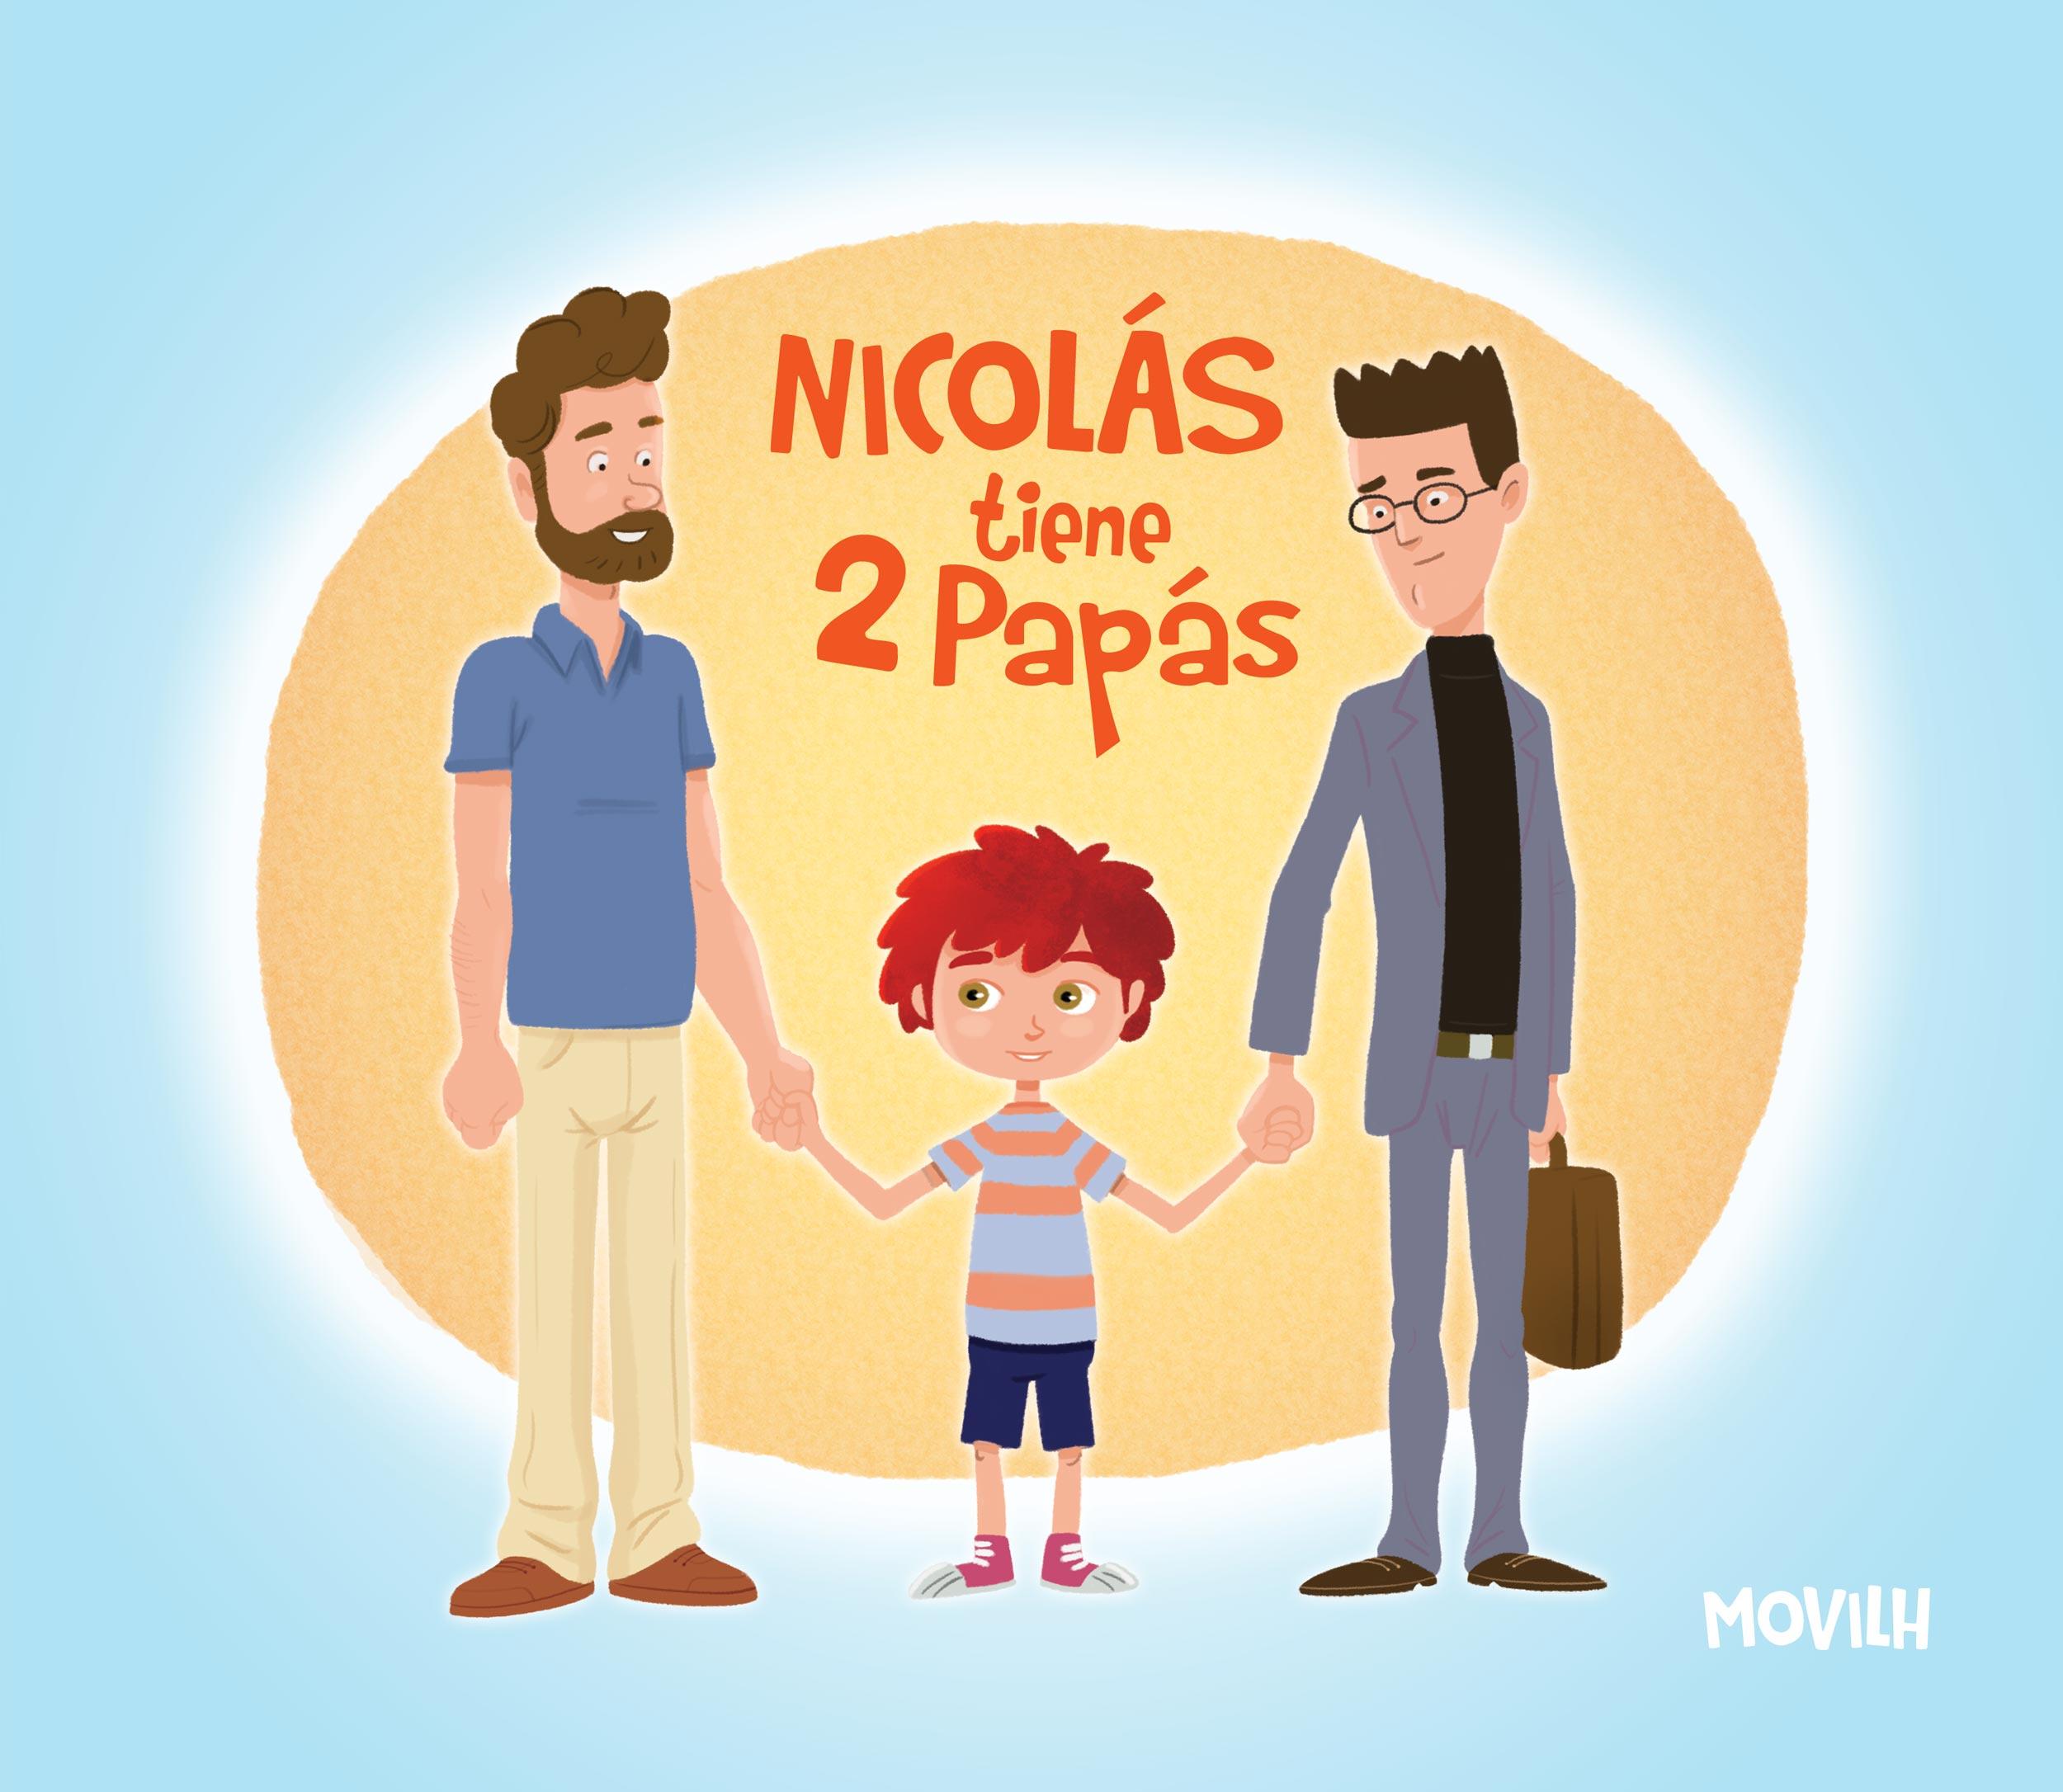 nicolas tiene dos papas